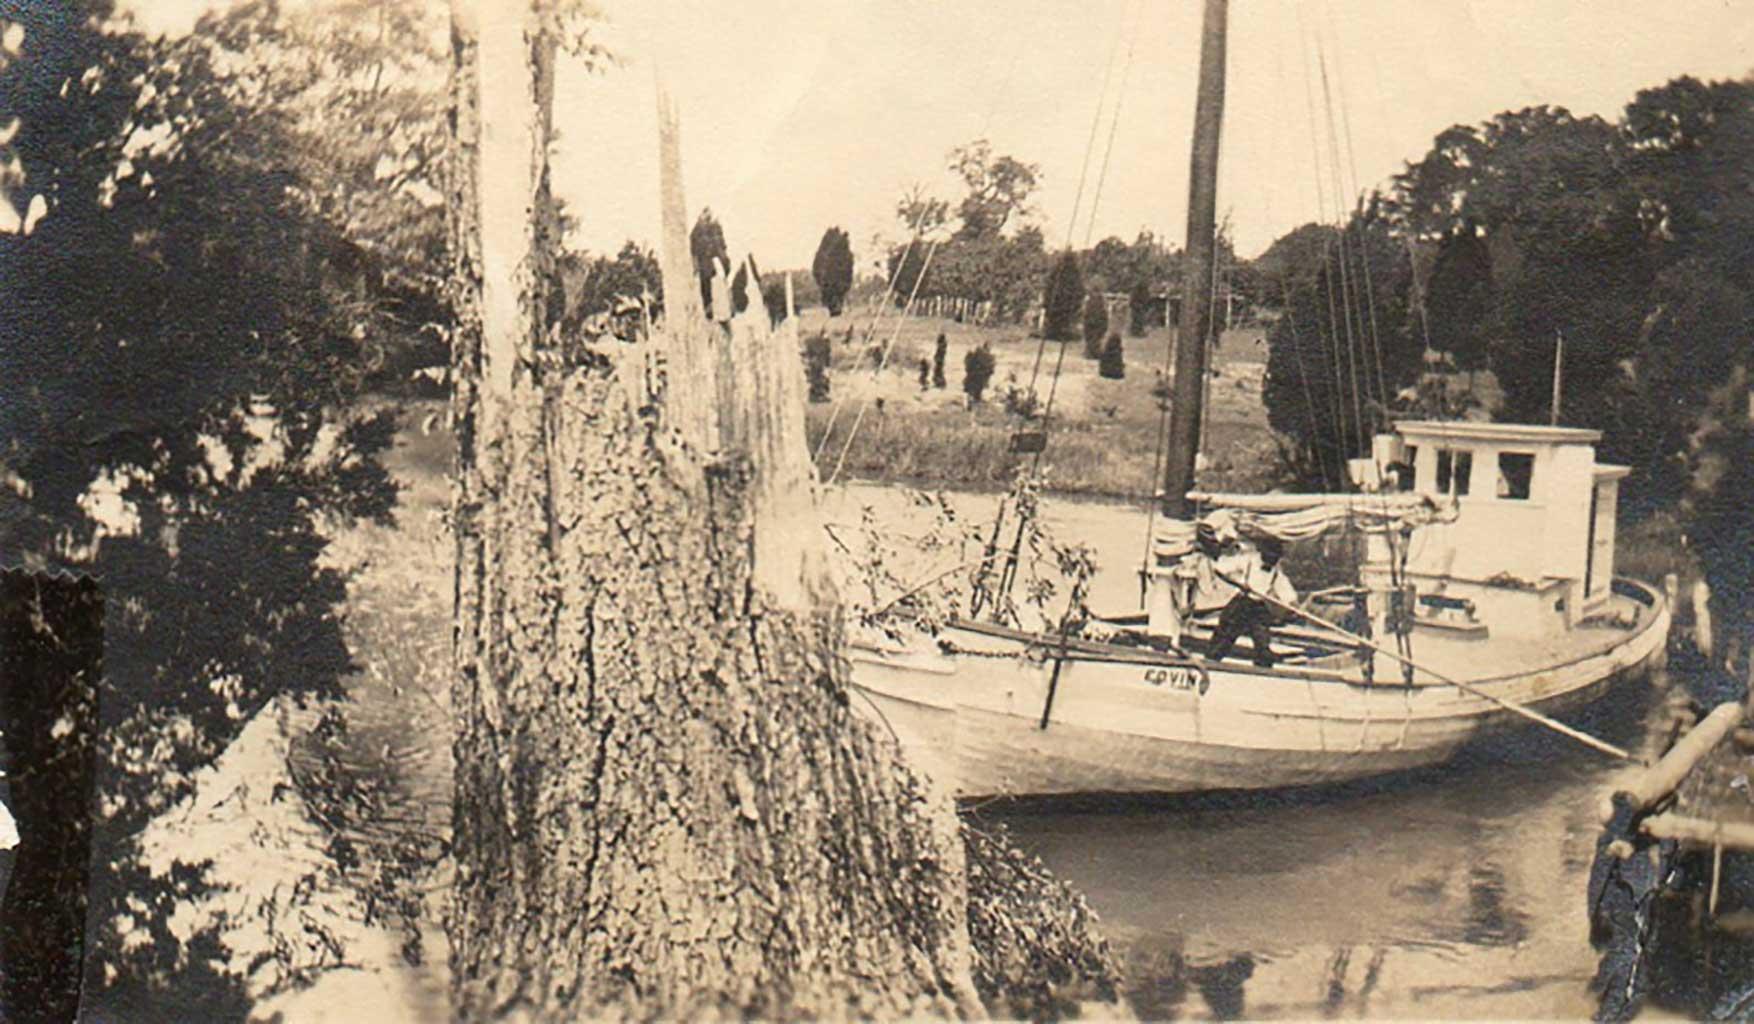 the-edvina-at-packet-wharf-grandaddy-gilliams-boat-img332